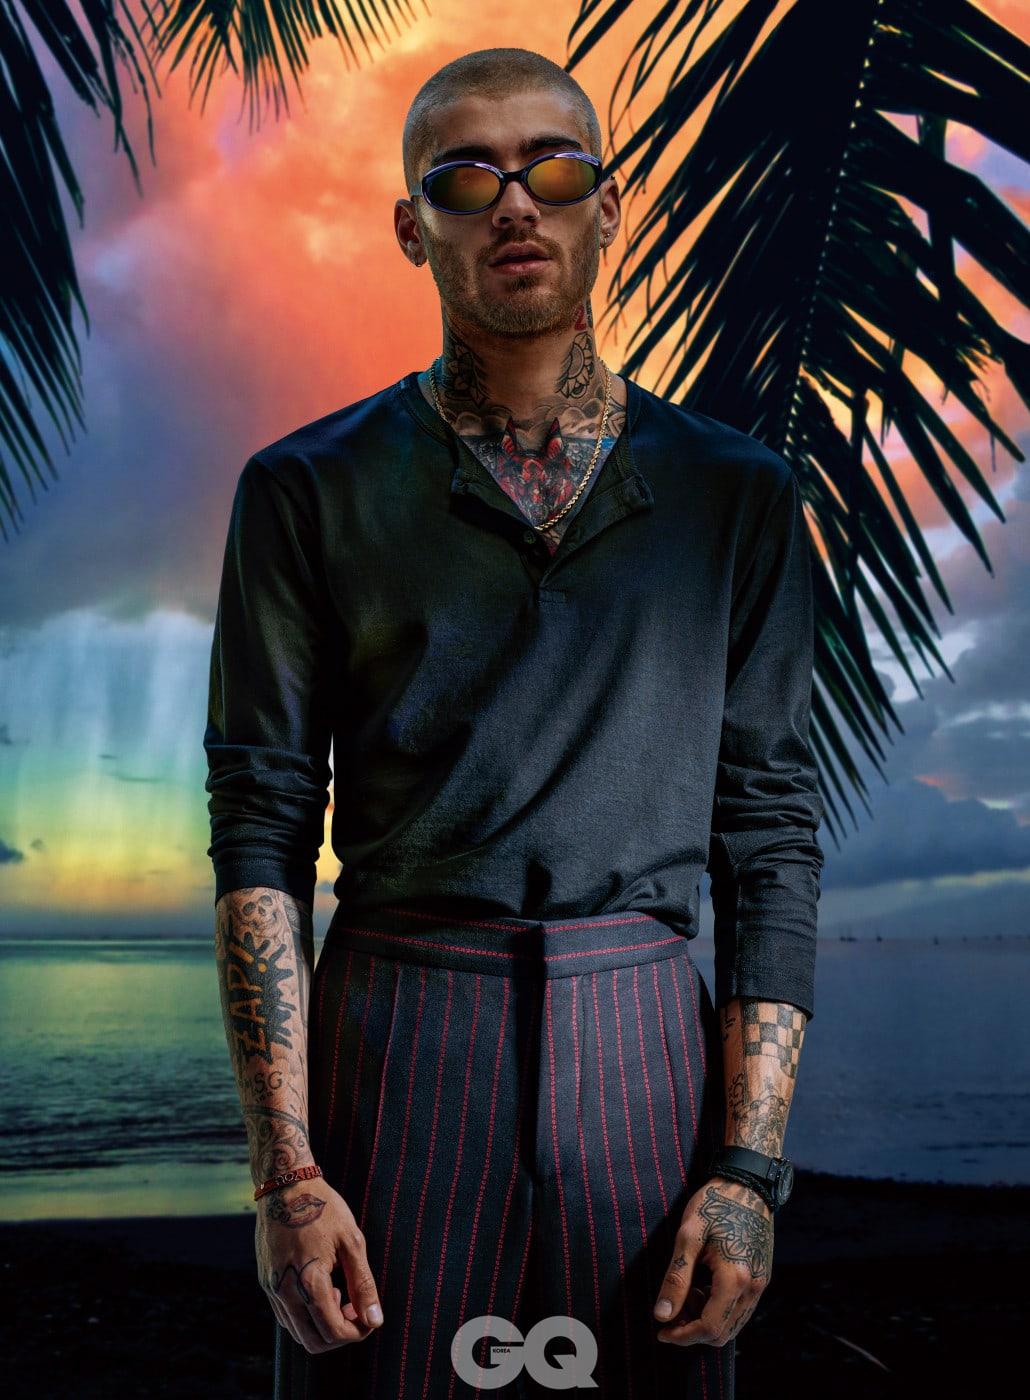 셔츠 $475, 돌체&가바나. 팬츠 $345, 휴고. 선글라스 $730, 루이 비통. 시계 $9,400, 위블로. 목걸이와 팔찌는 모델의 것.